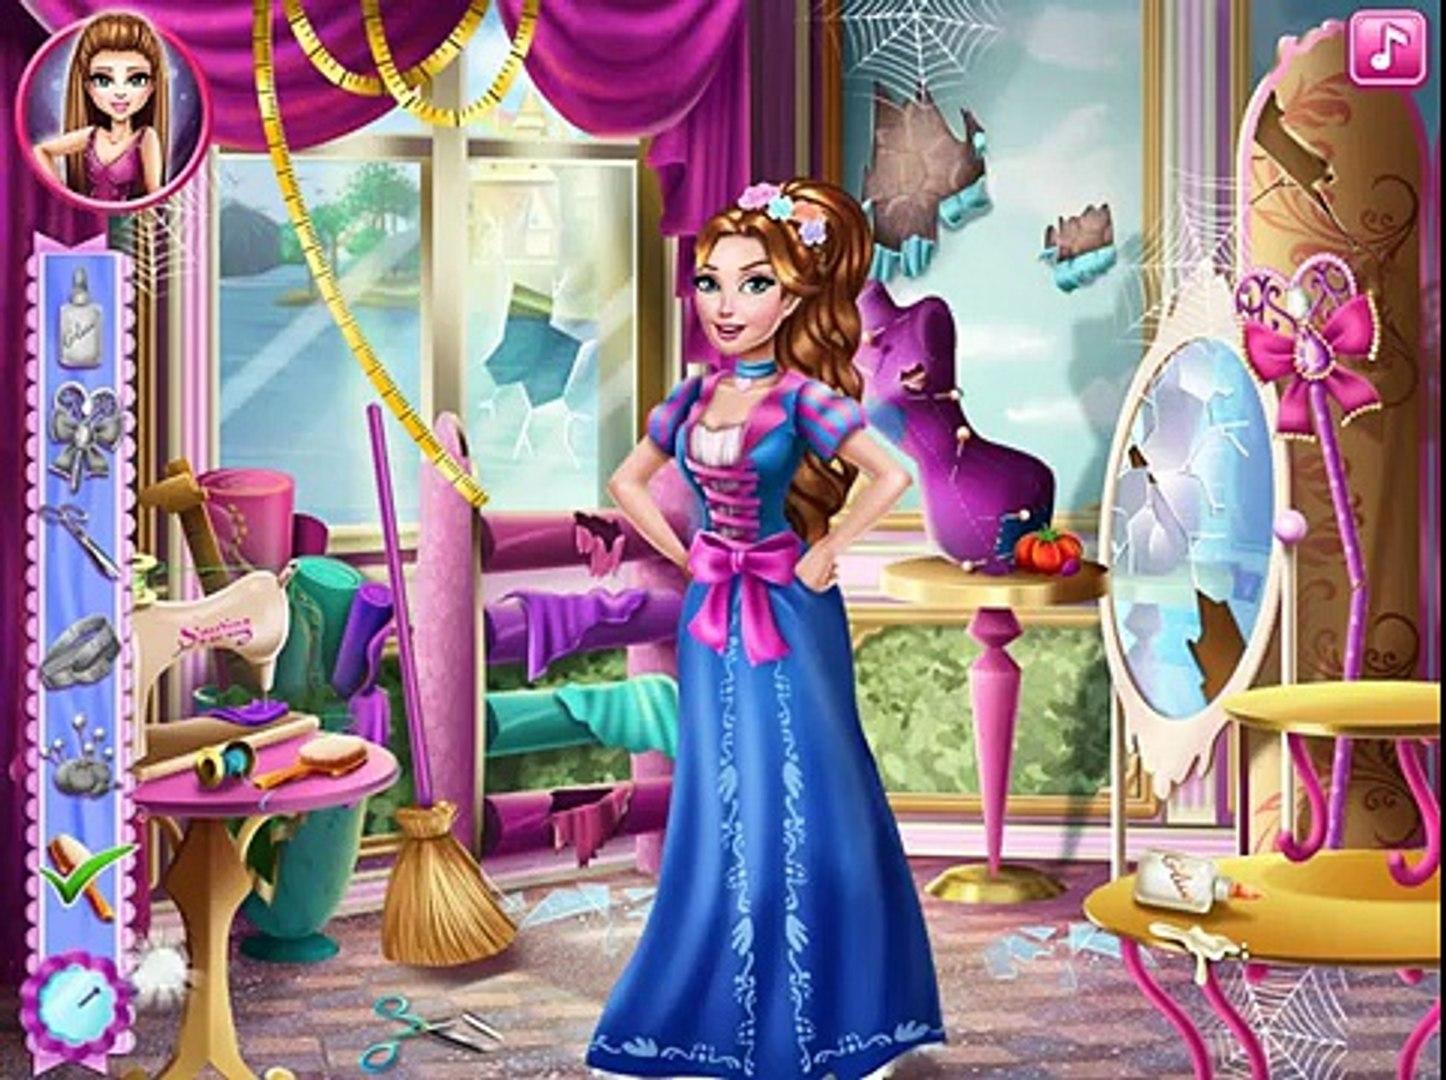 Барби Игры—Барби Дисней Принцесса на бал—Онлайн Видео Игры Для Детей Мультфильм new